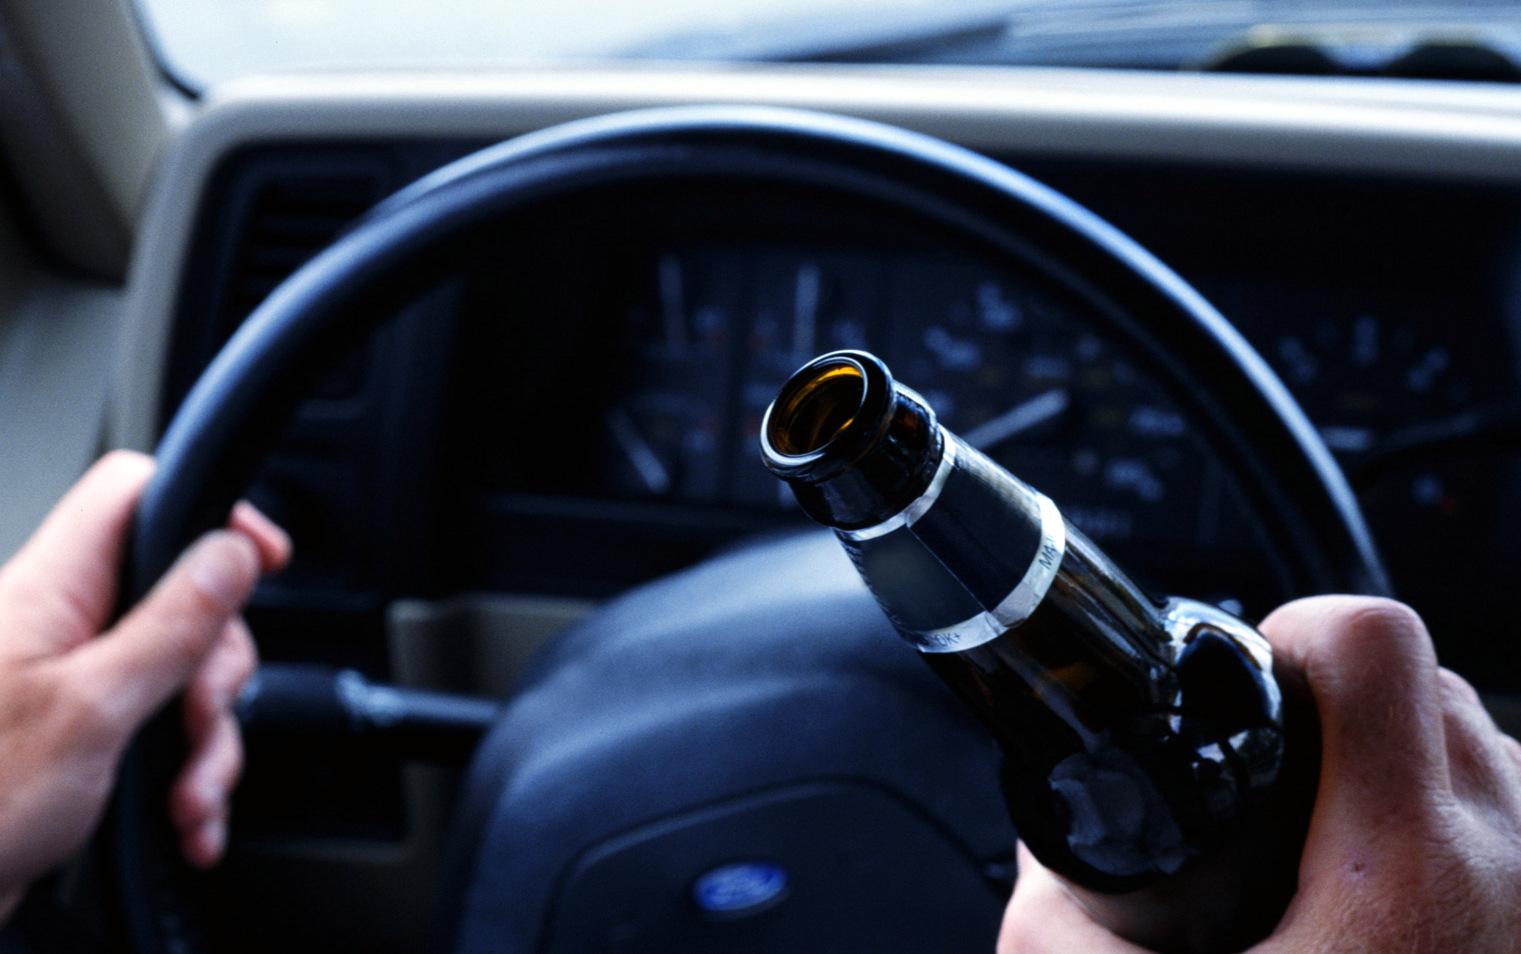 Наказание для водителей, садящихся за руль в нетрезвом состоянии, будет ужесточено